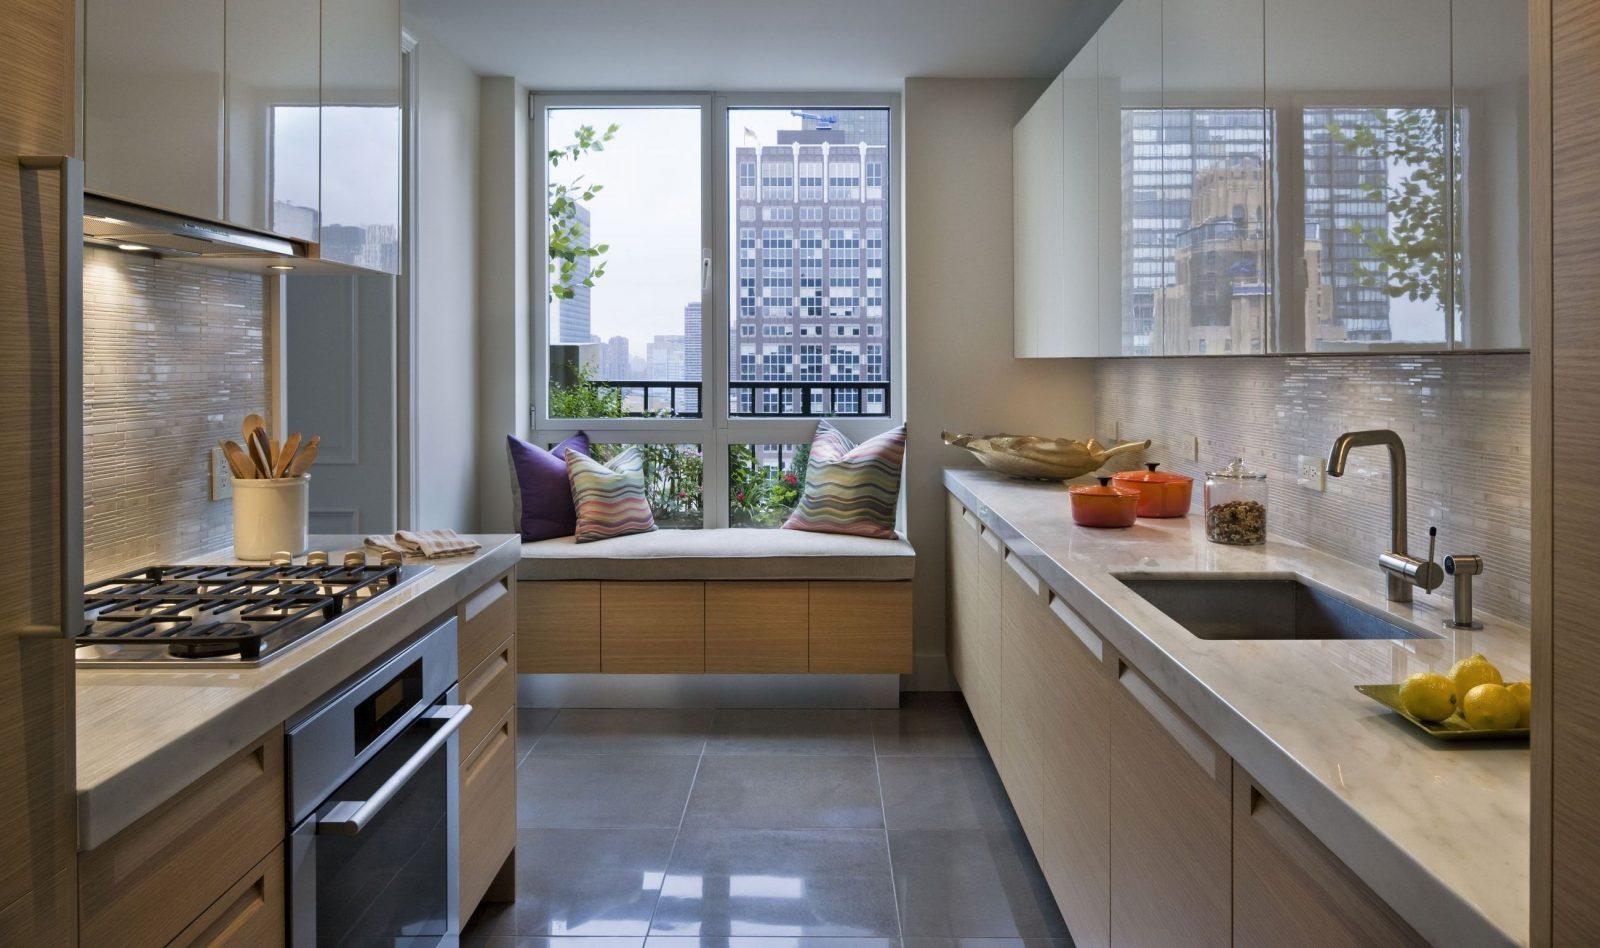 Пластиковые окна для кухни